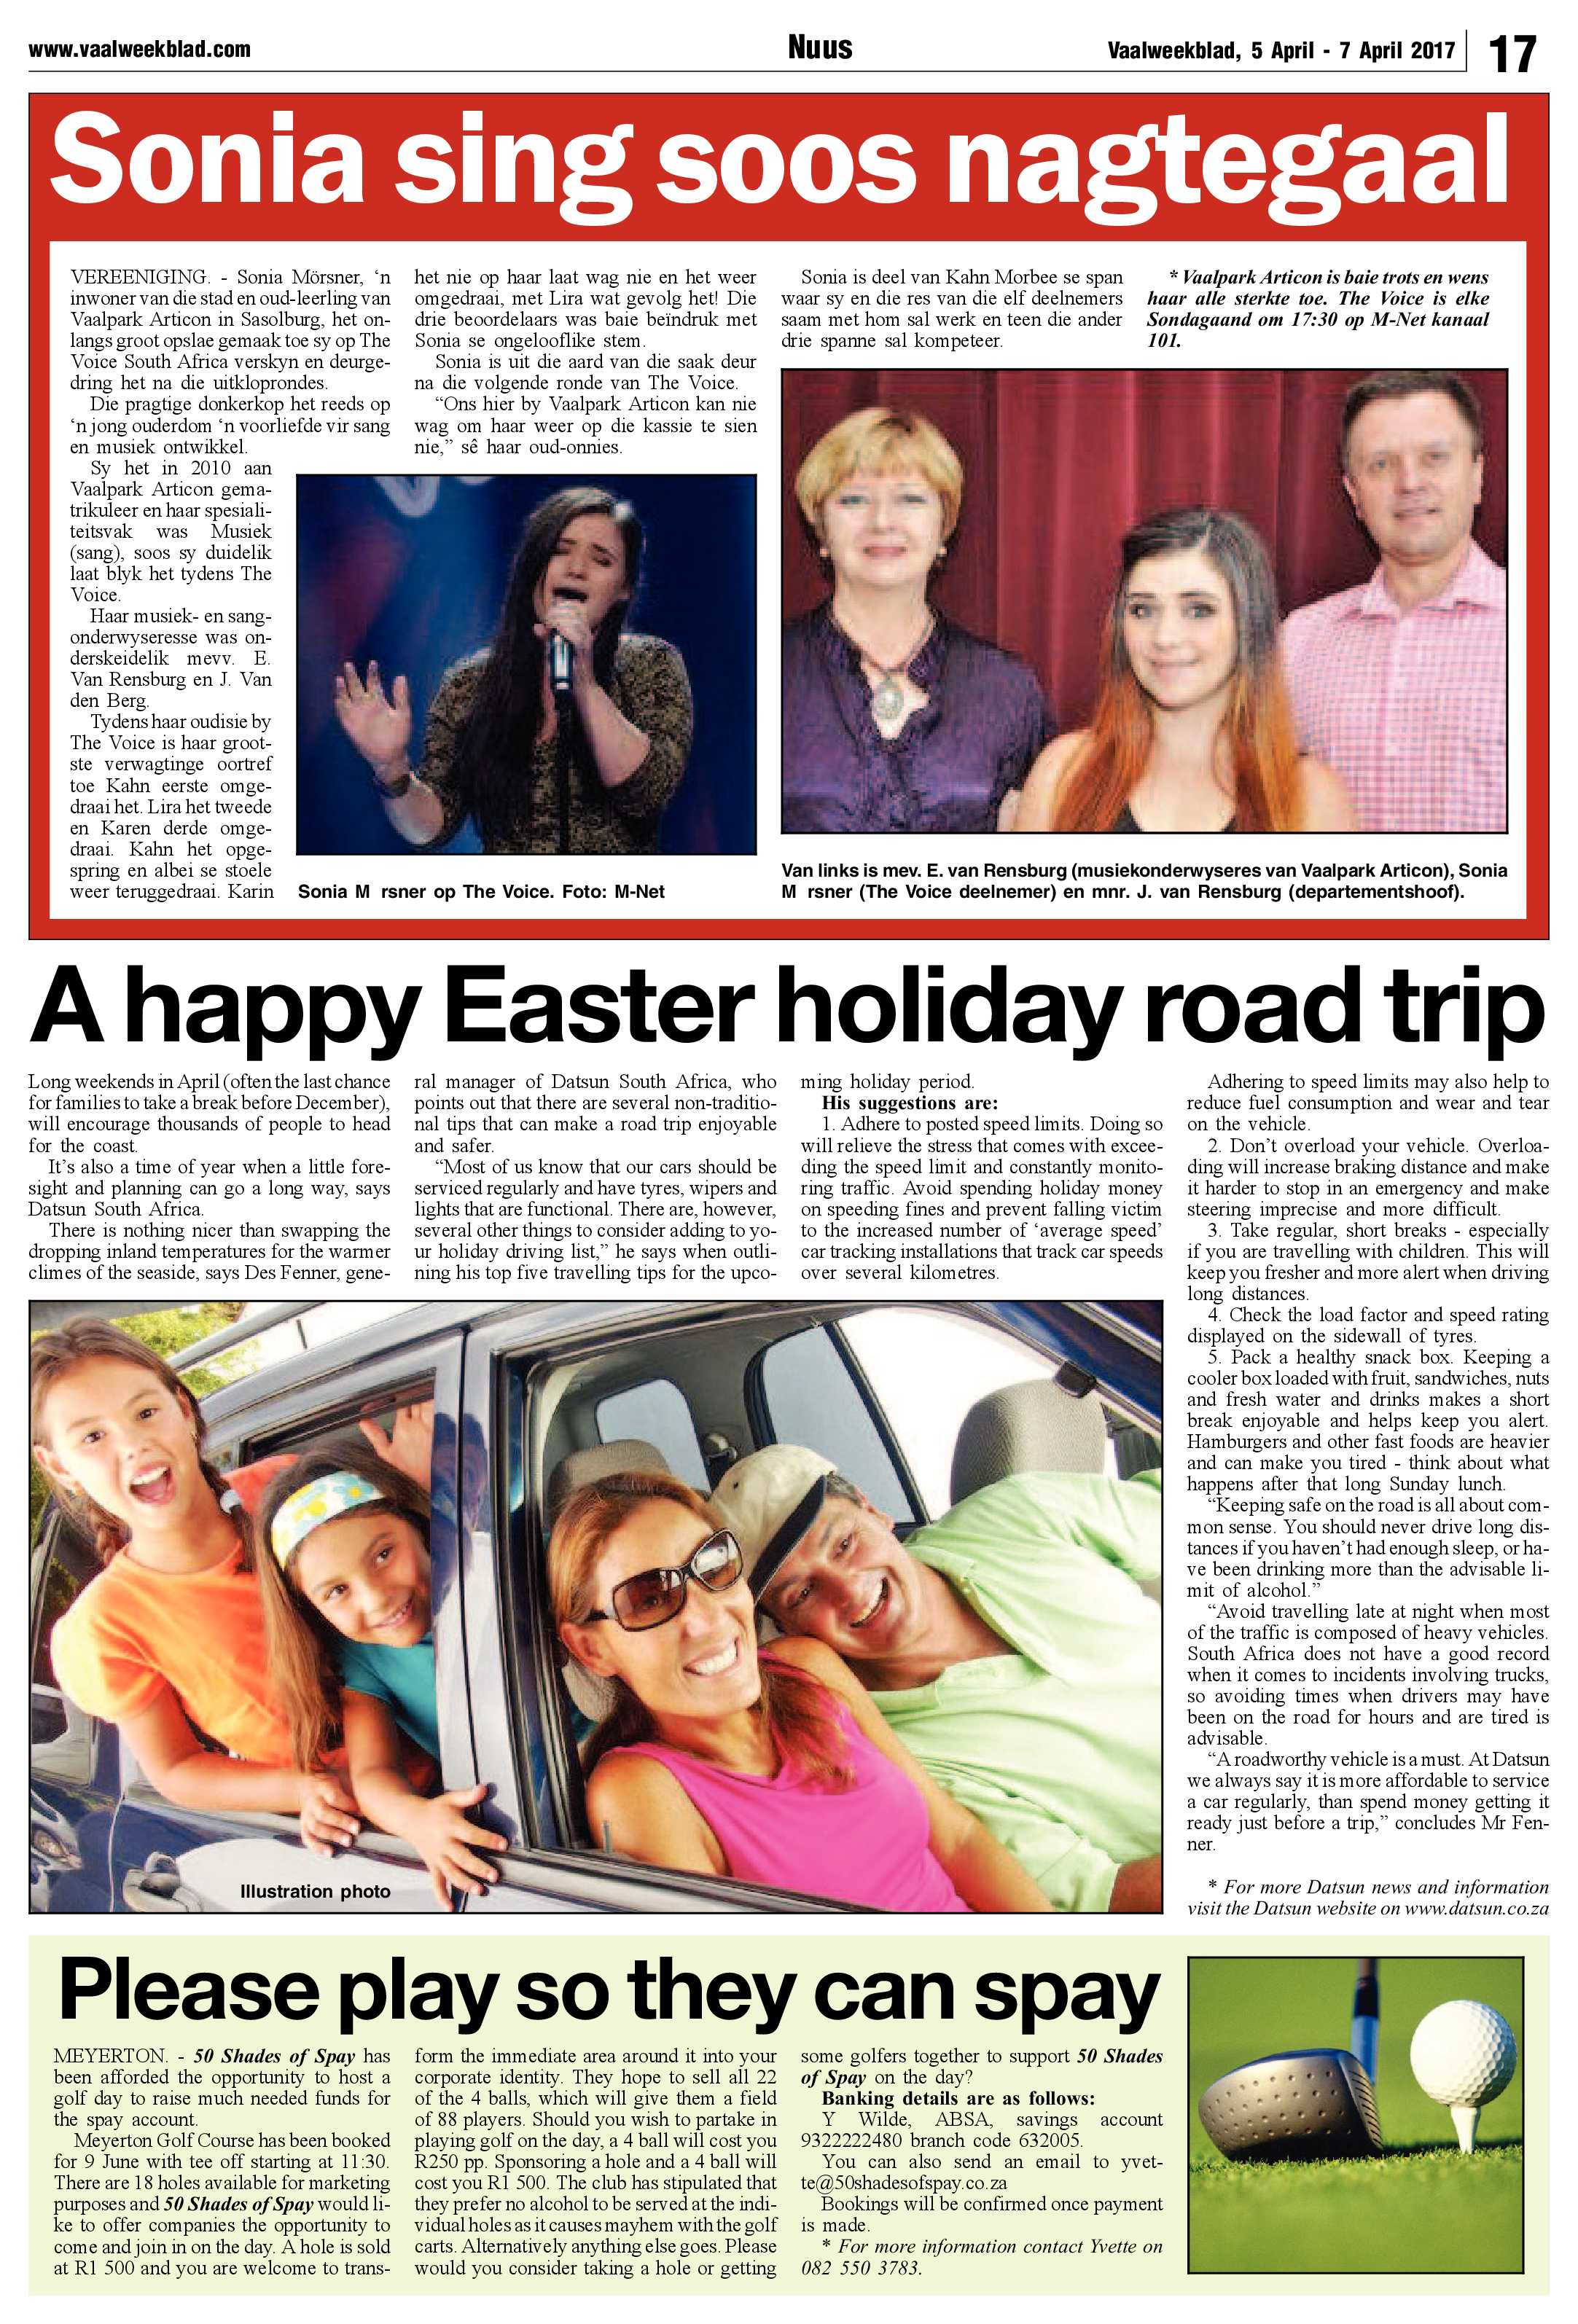 vaalweekblad-5-7-april-2017-2-epapers-page-17